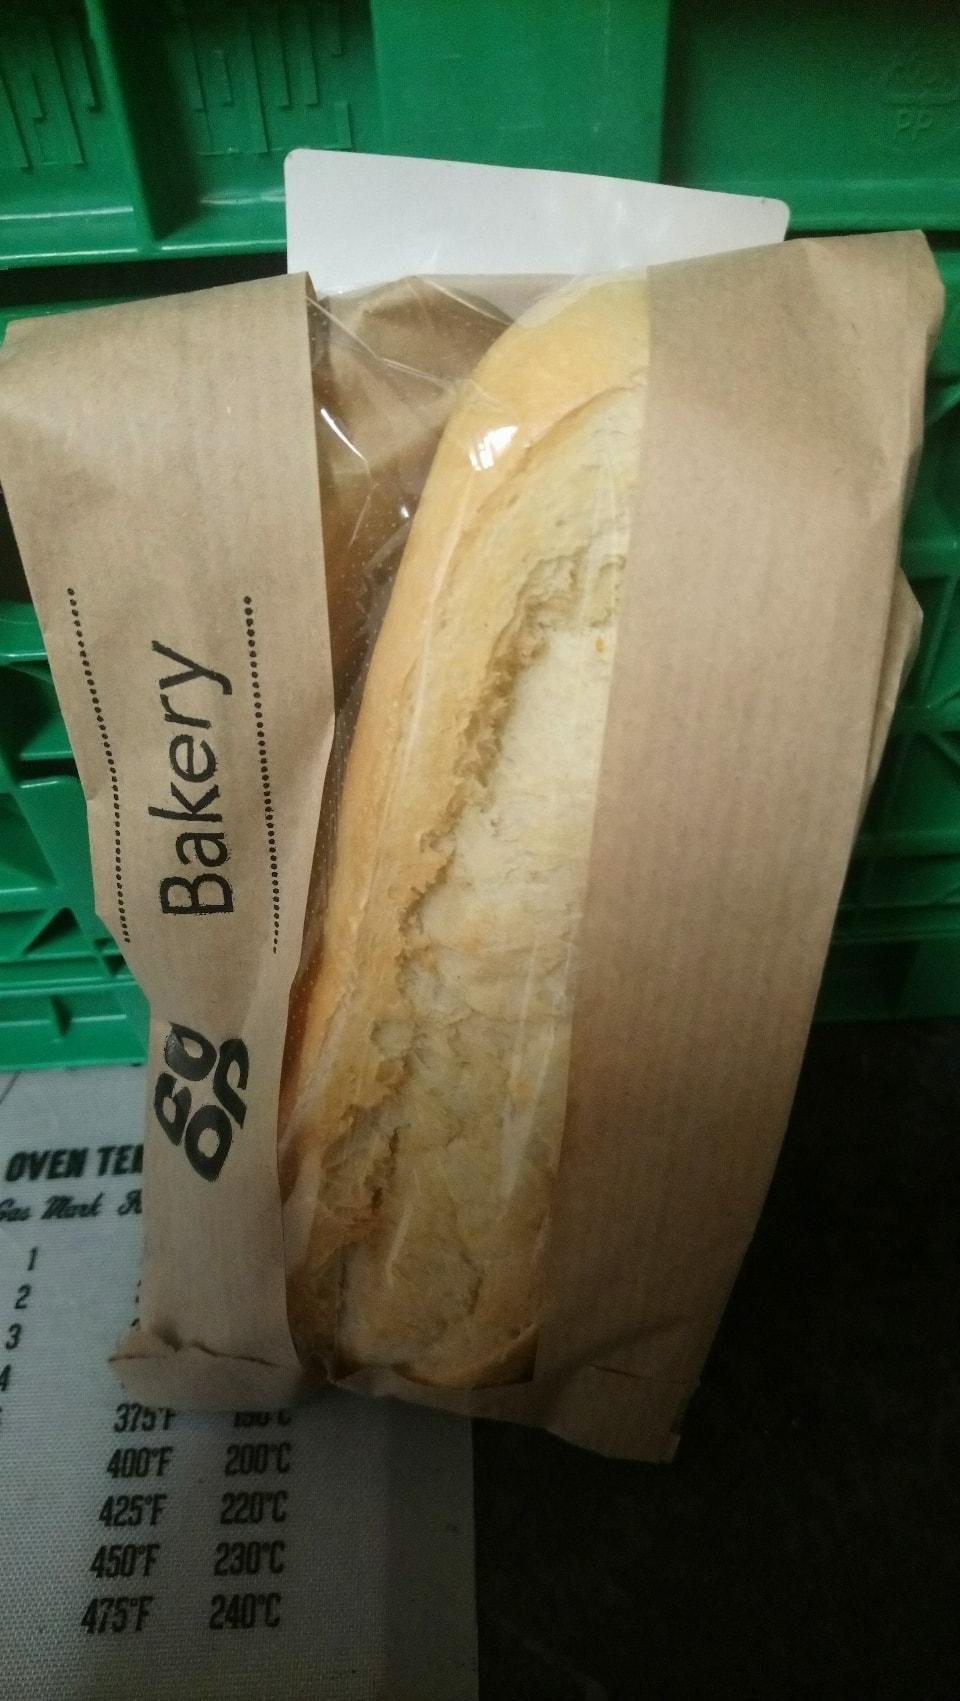 Medium petit pain